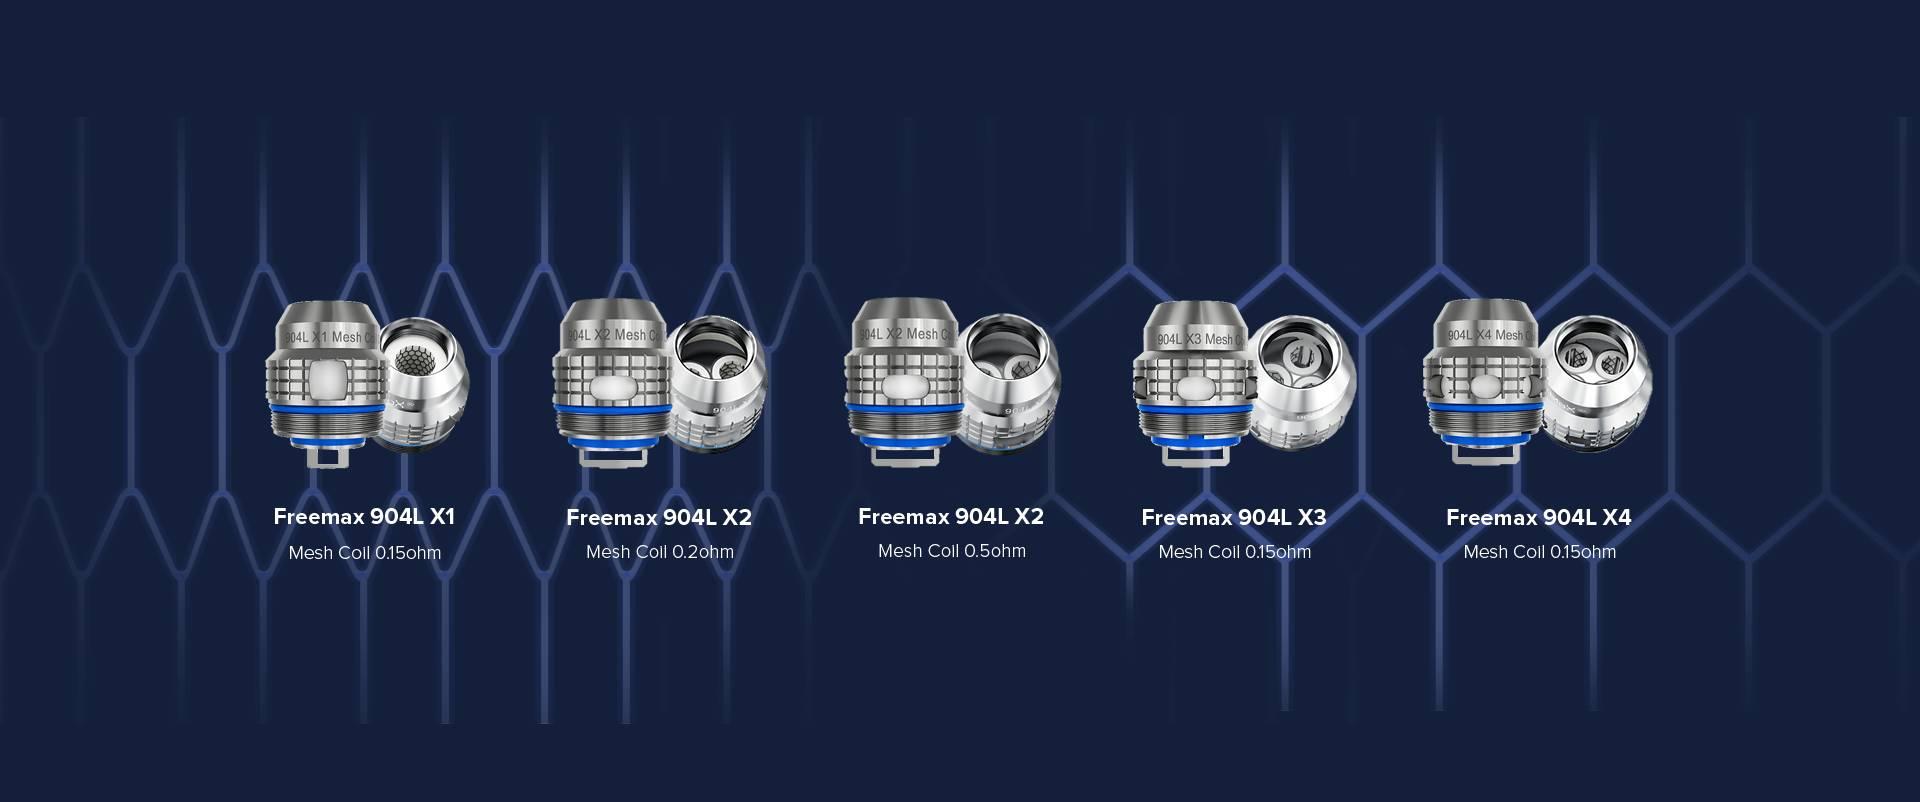 Freemax 904L  Mesh Coil.jpg